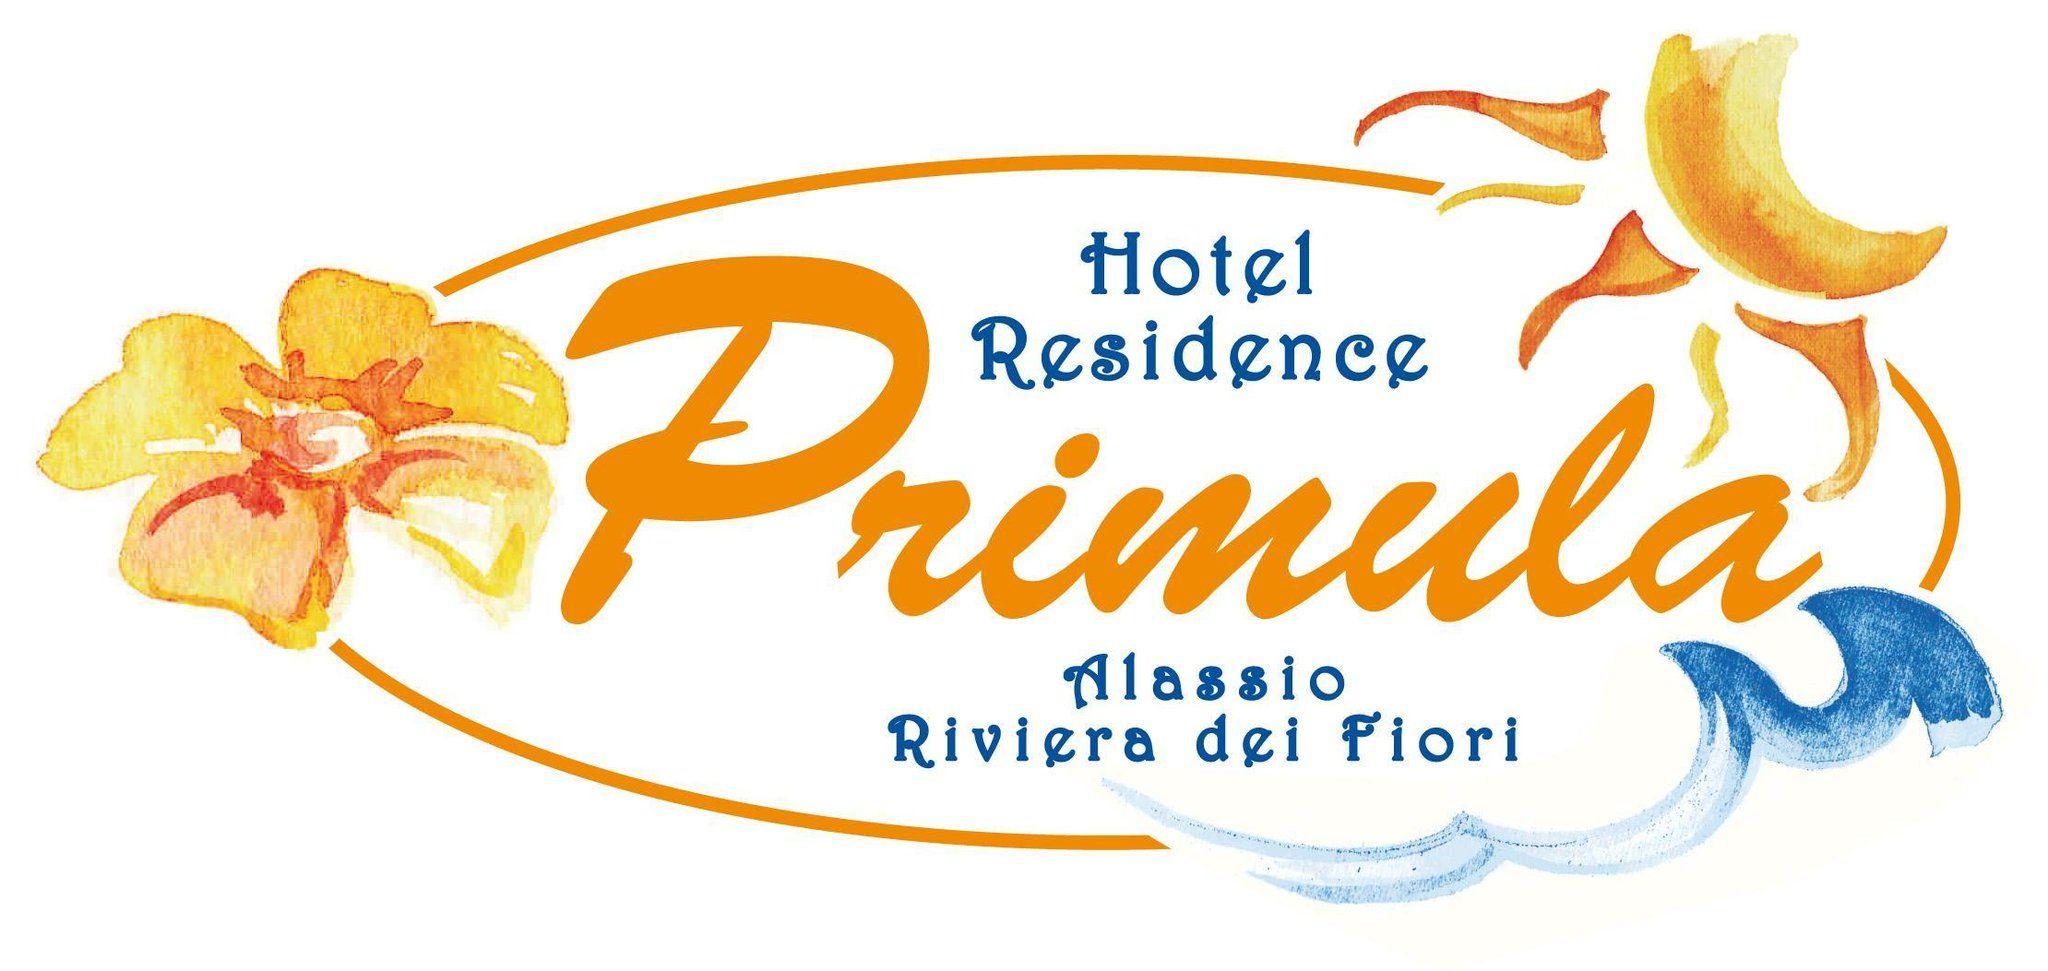 普利姆拉酒店